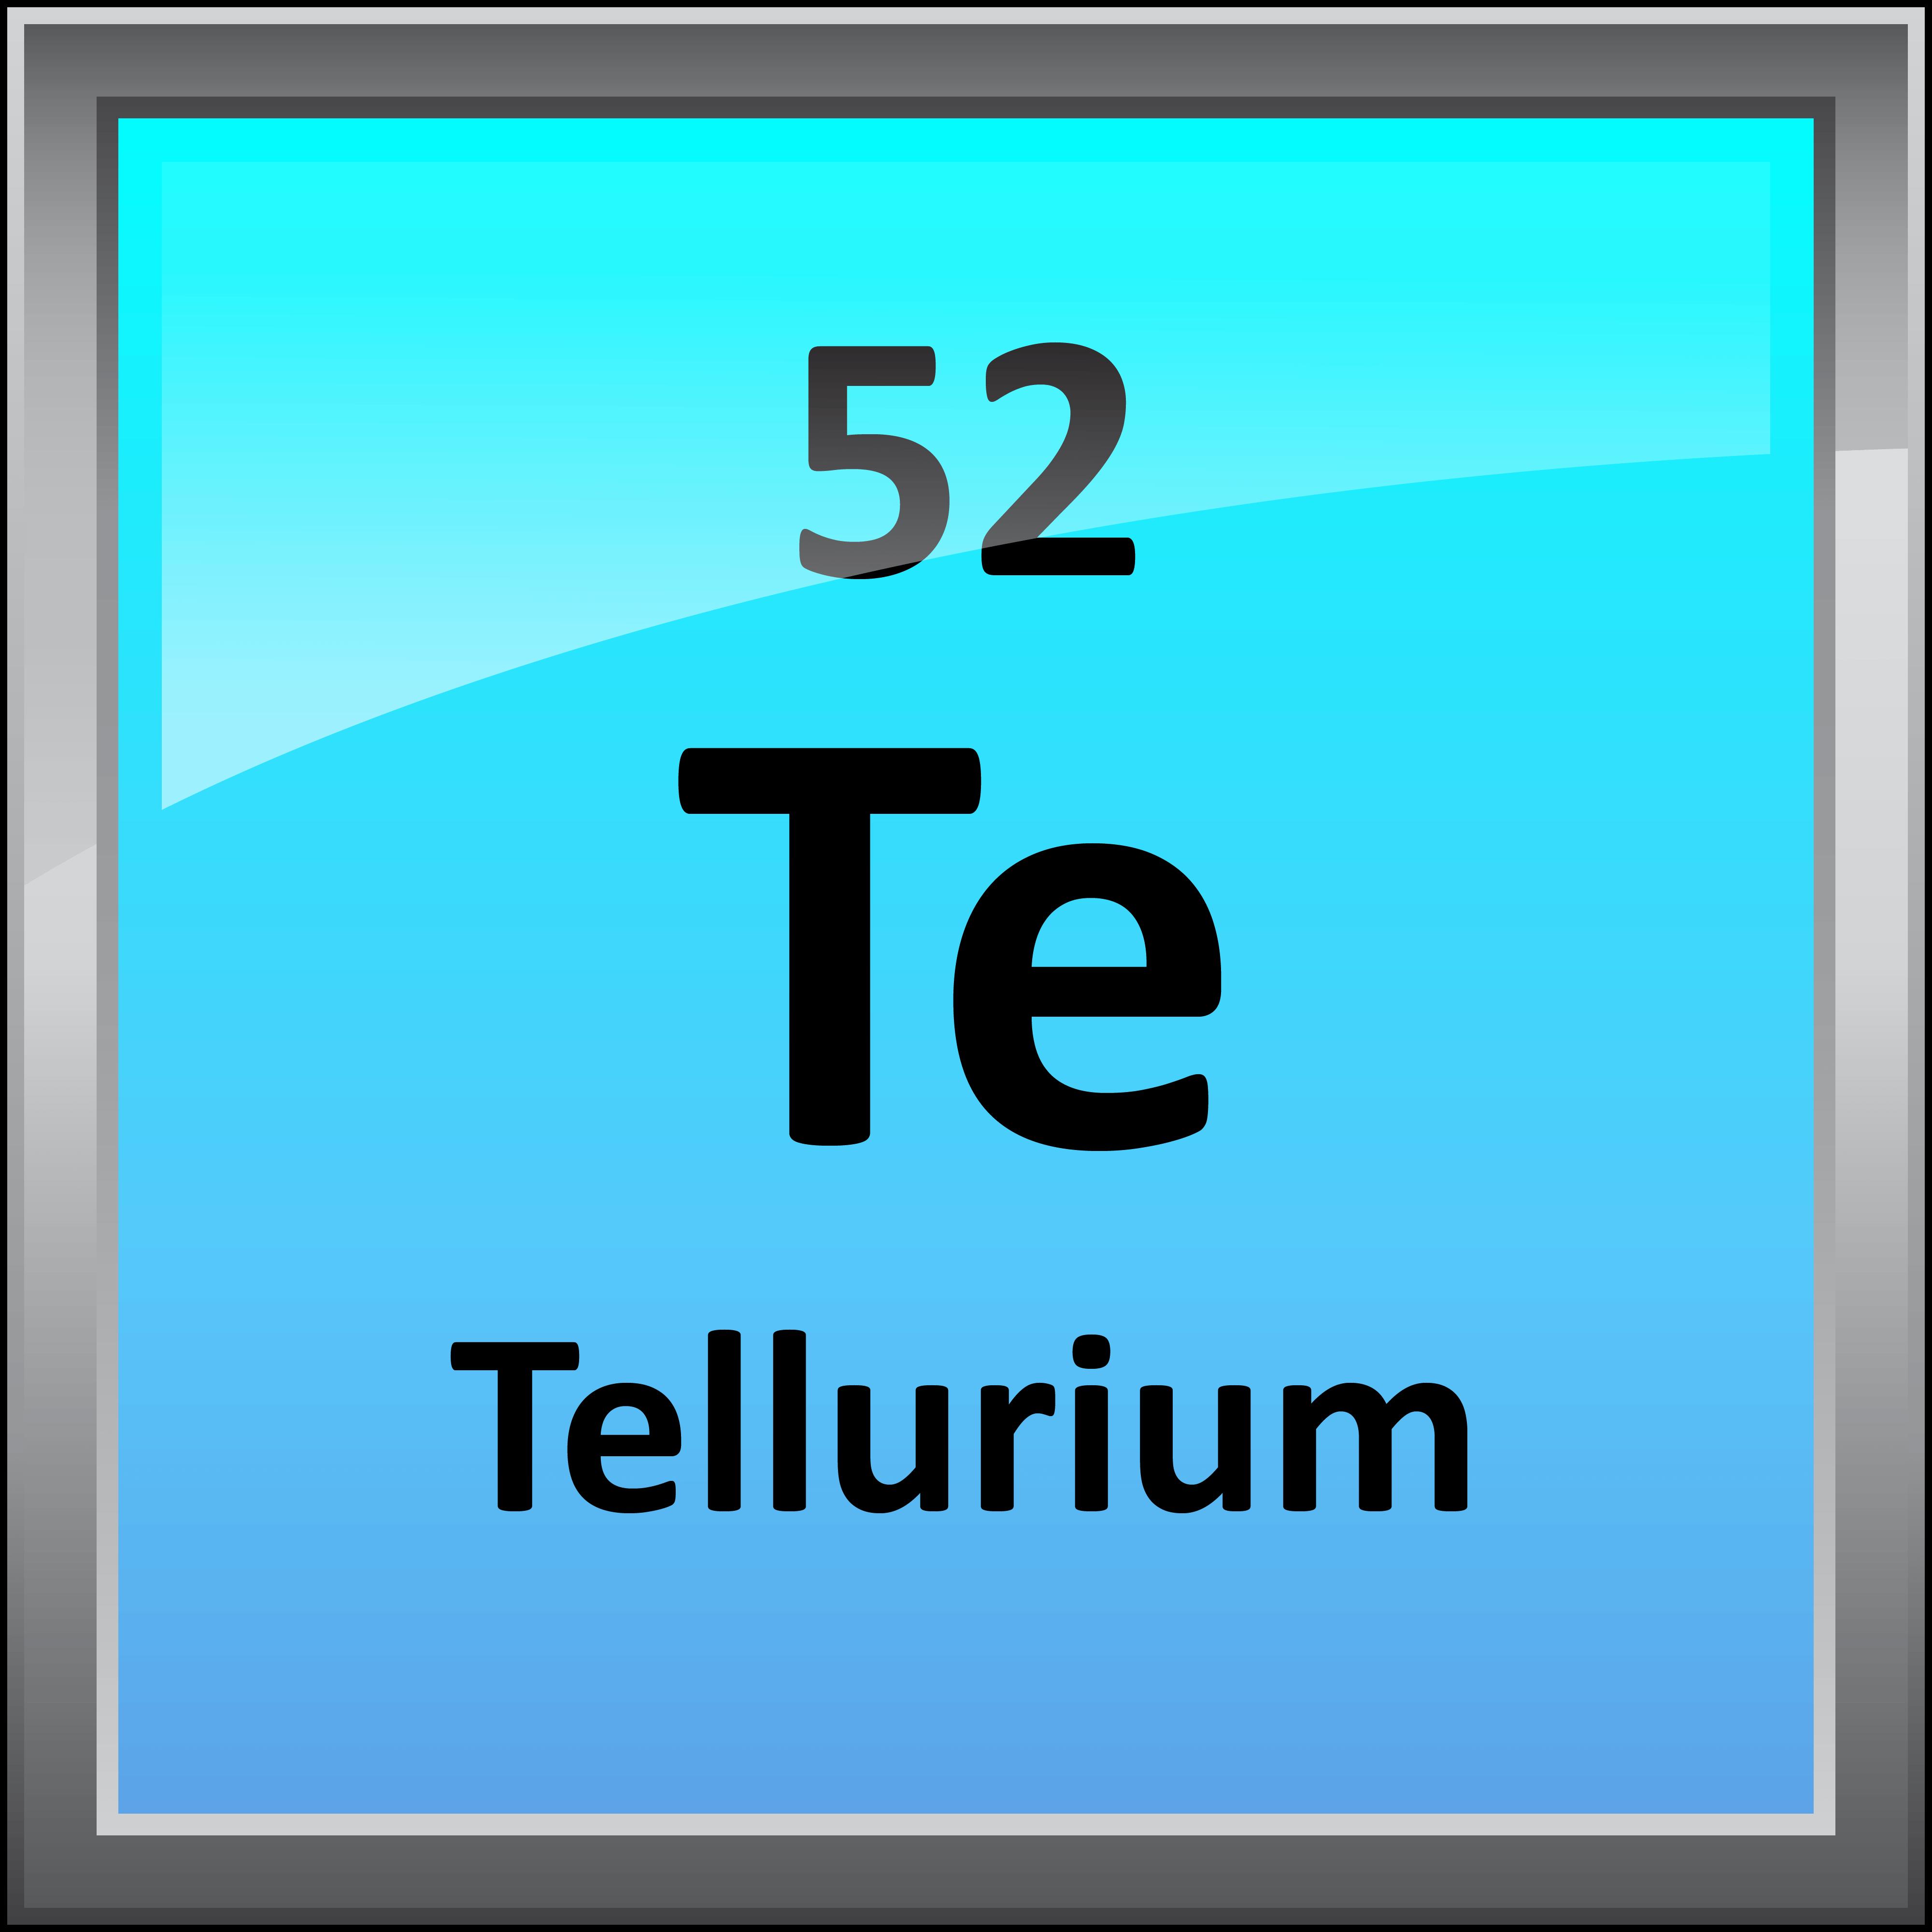 Printable periodic table element symbols 052 tellurium gamestrikefo Gallery